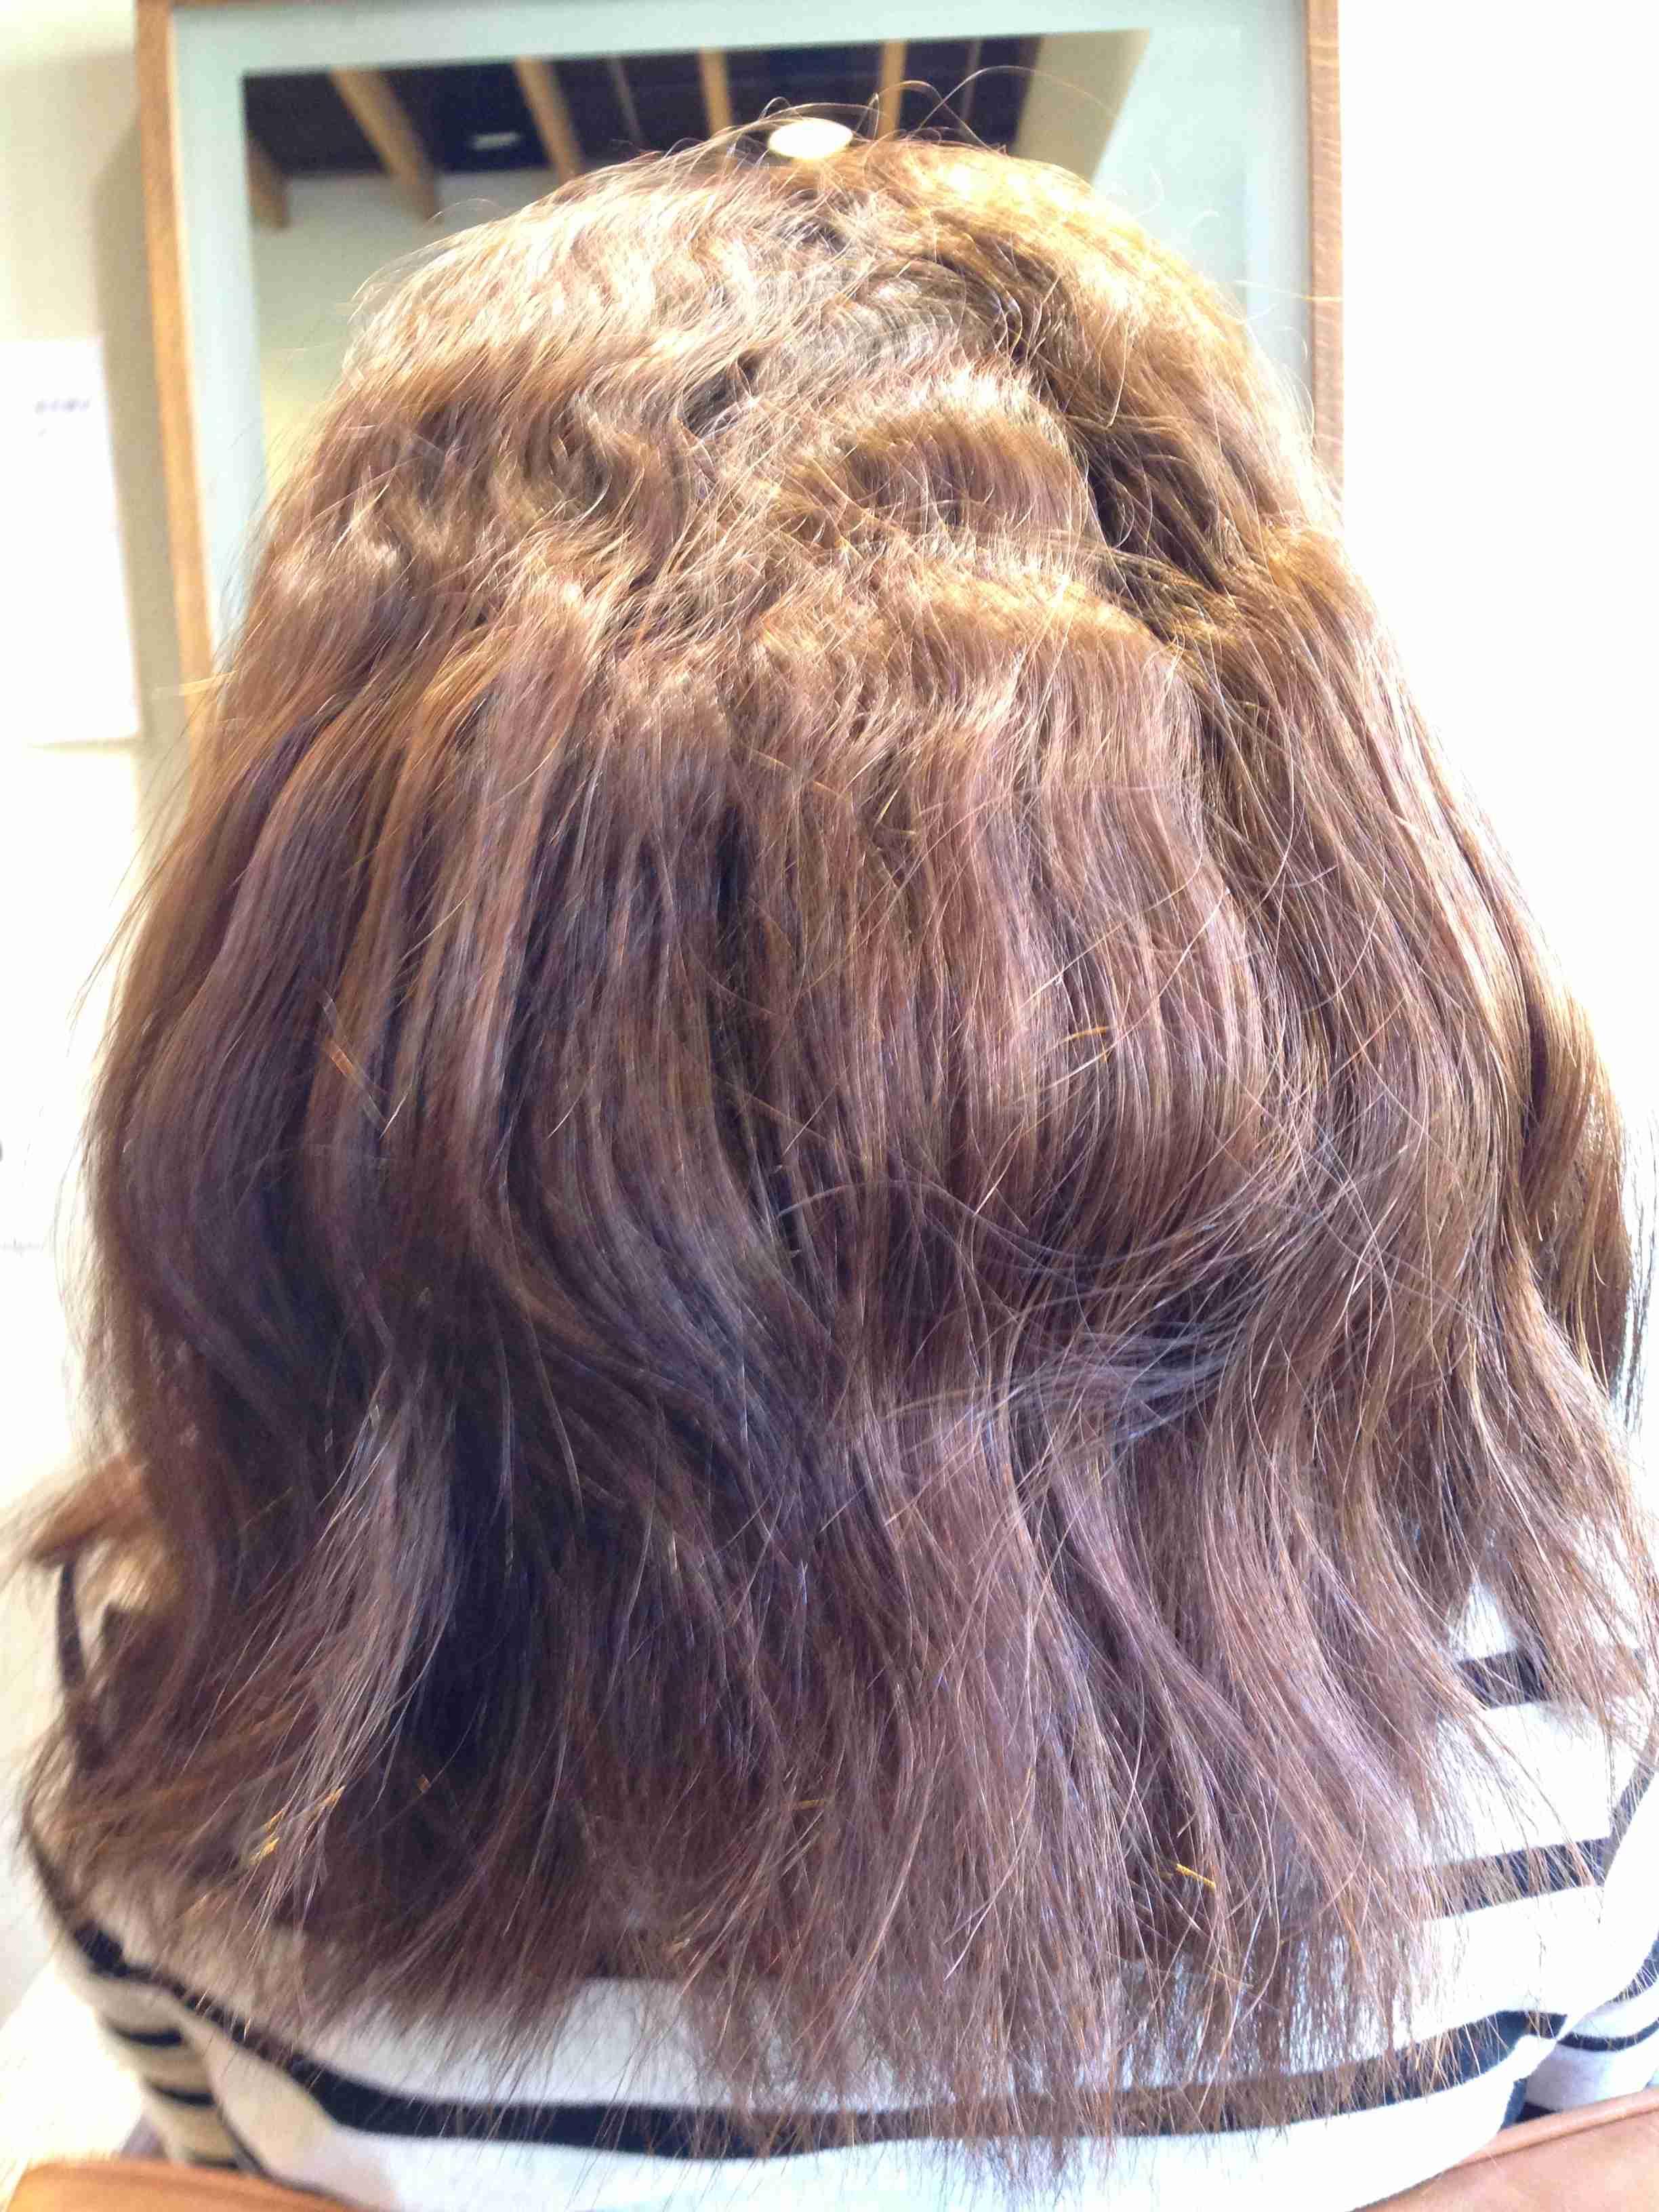 【硬・太・多】自分の髪質に絶望している人、開き直って勝負しませんか?